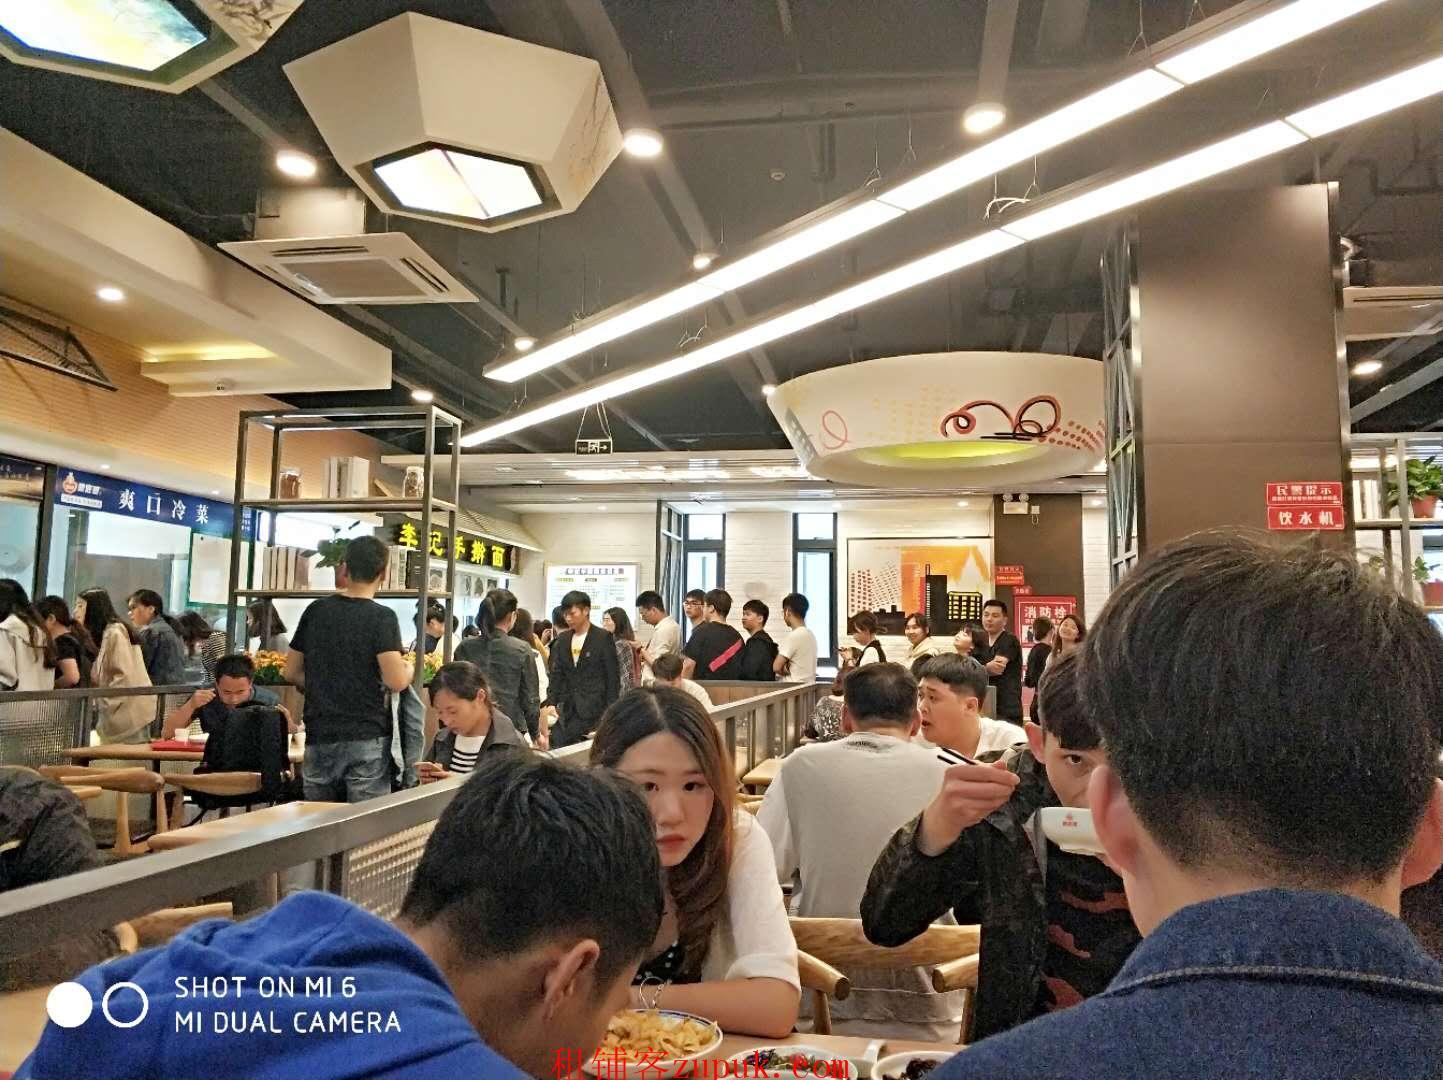 萧山三万人办公园区美食档口 固定客流 排队就餐